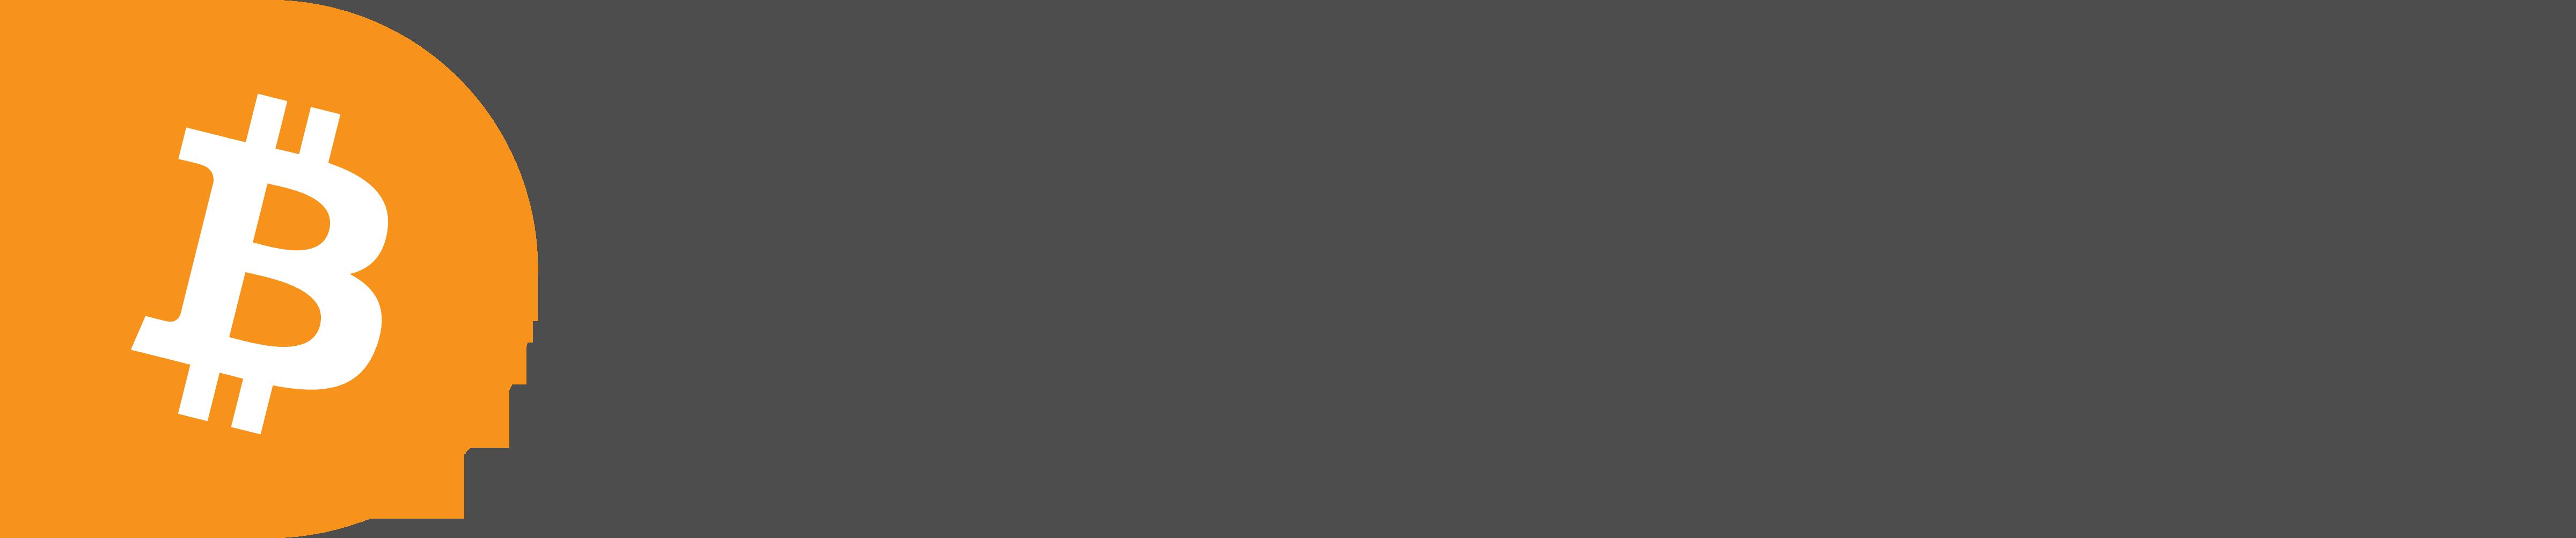 bitcoin-logo Le Bitcoin a bientôt 7 ans, mais qu'est-ce que le Bitcoin ?